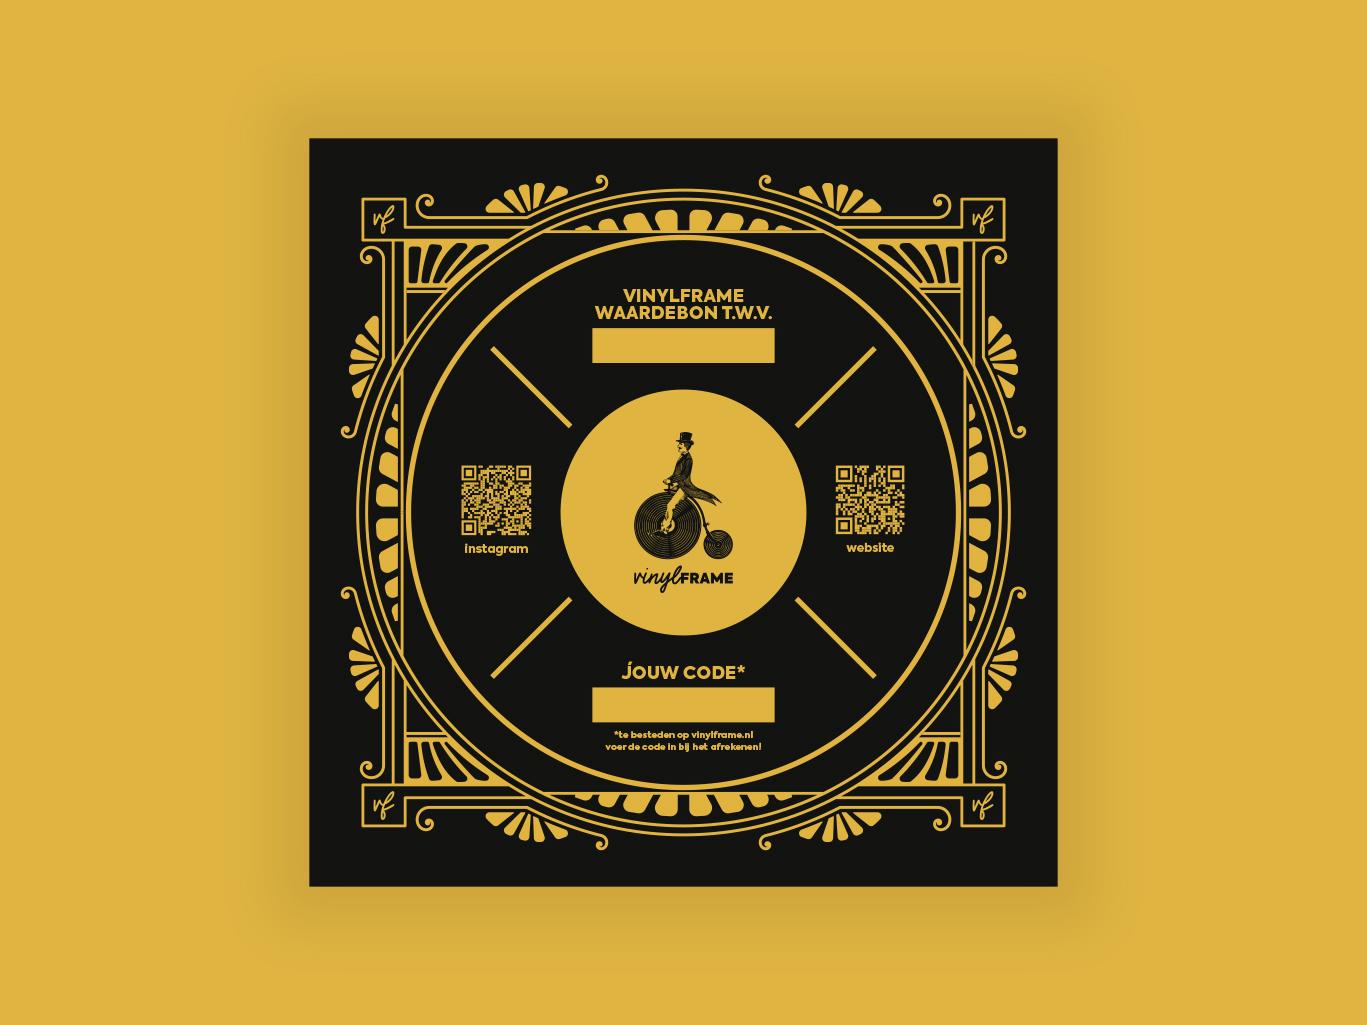 Waardebon voor VinylFrame gemaakt door Sjoerd van Schagen